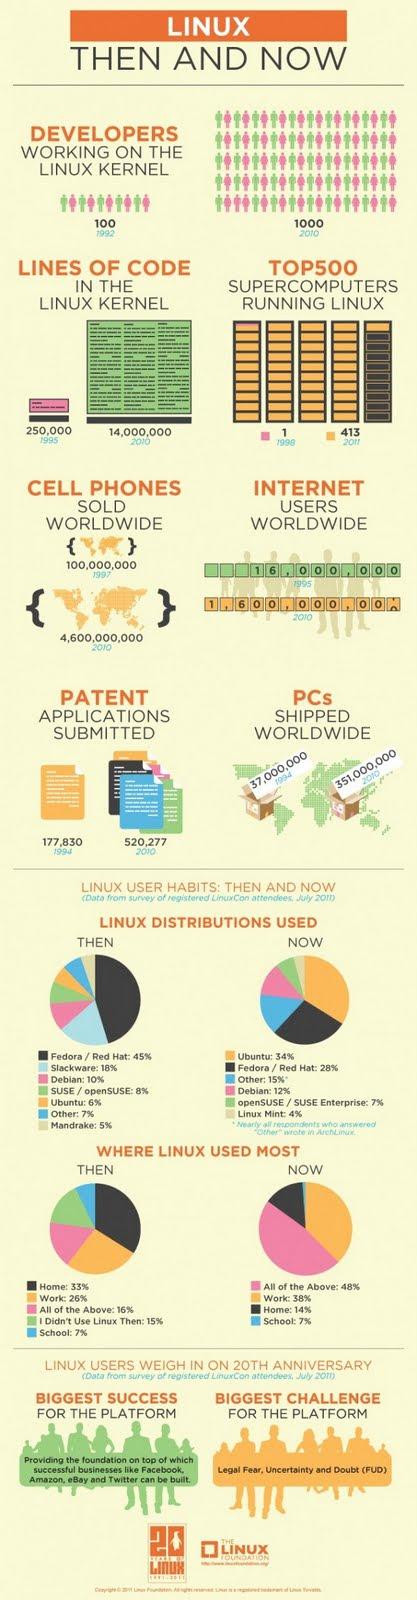 Come è cambiato davvero Linux in questi 20 anni? Scopritelo con questa fantastica infografica.